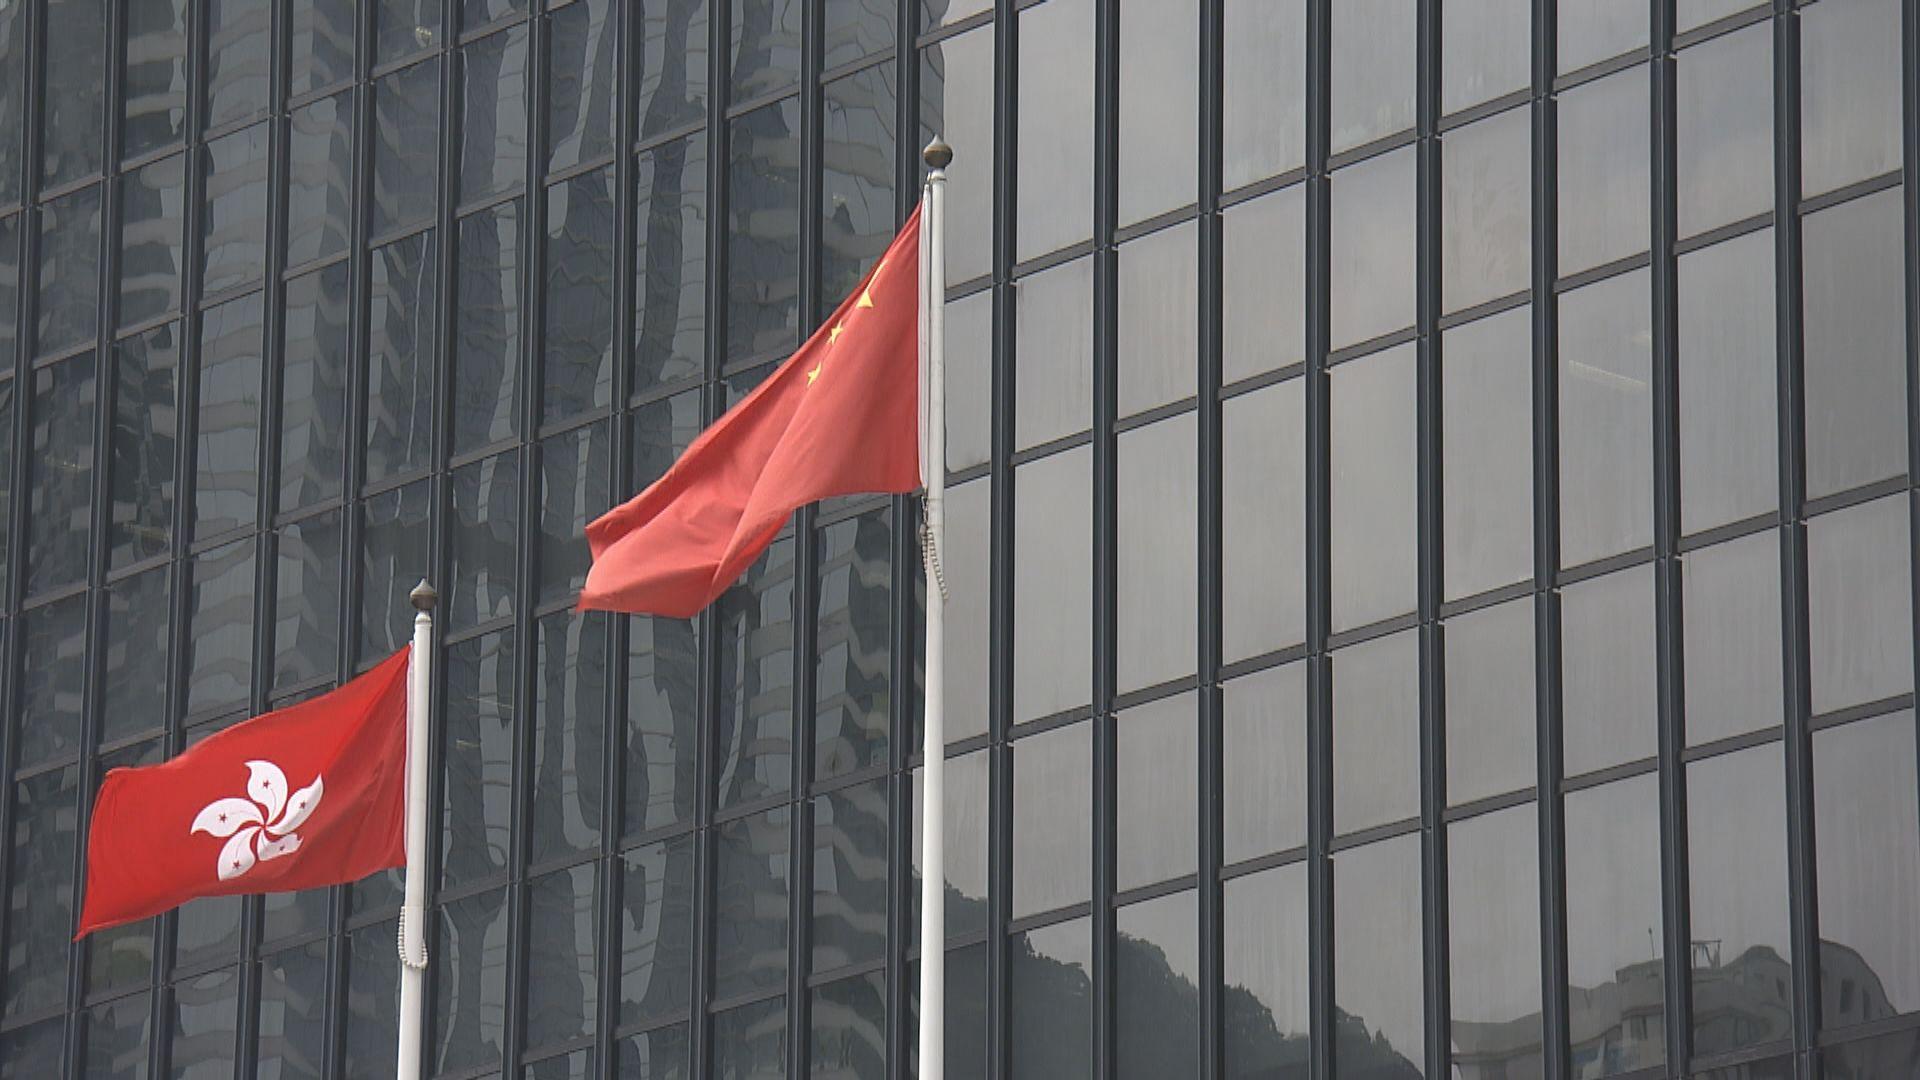 政府譴責激進示威者破壞行為